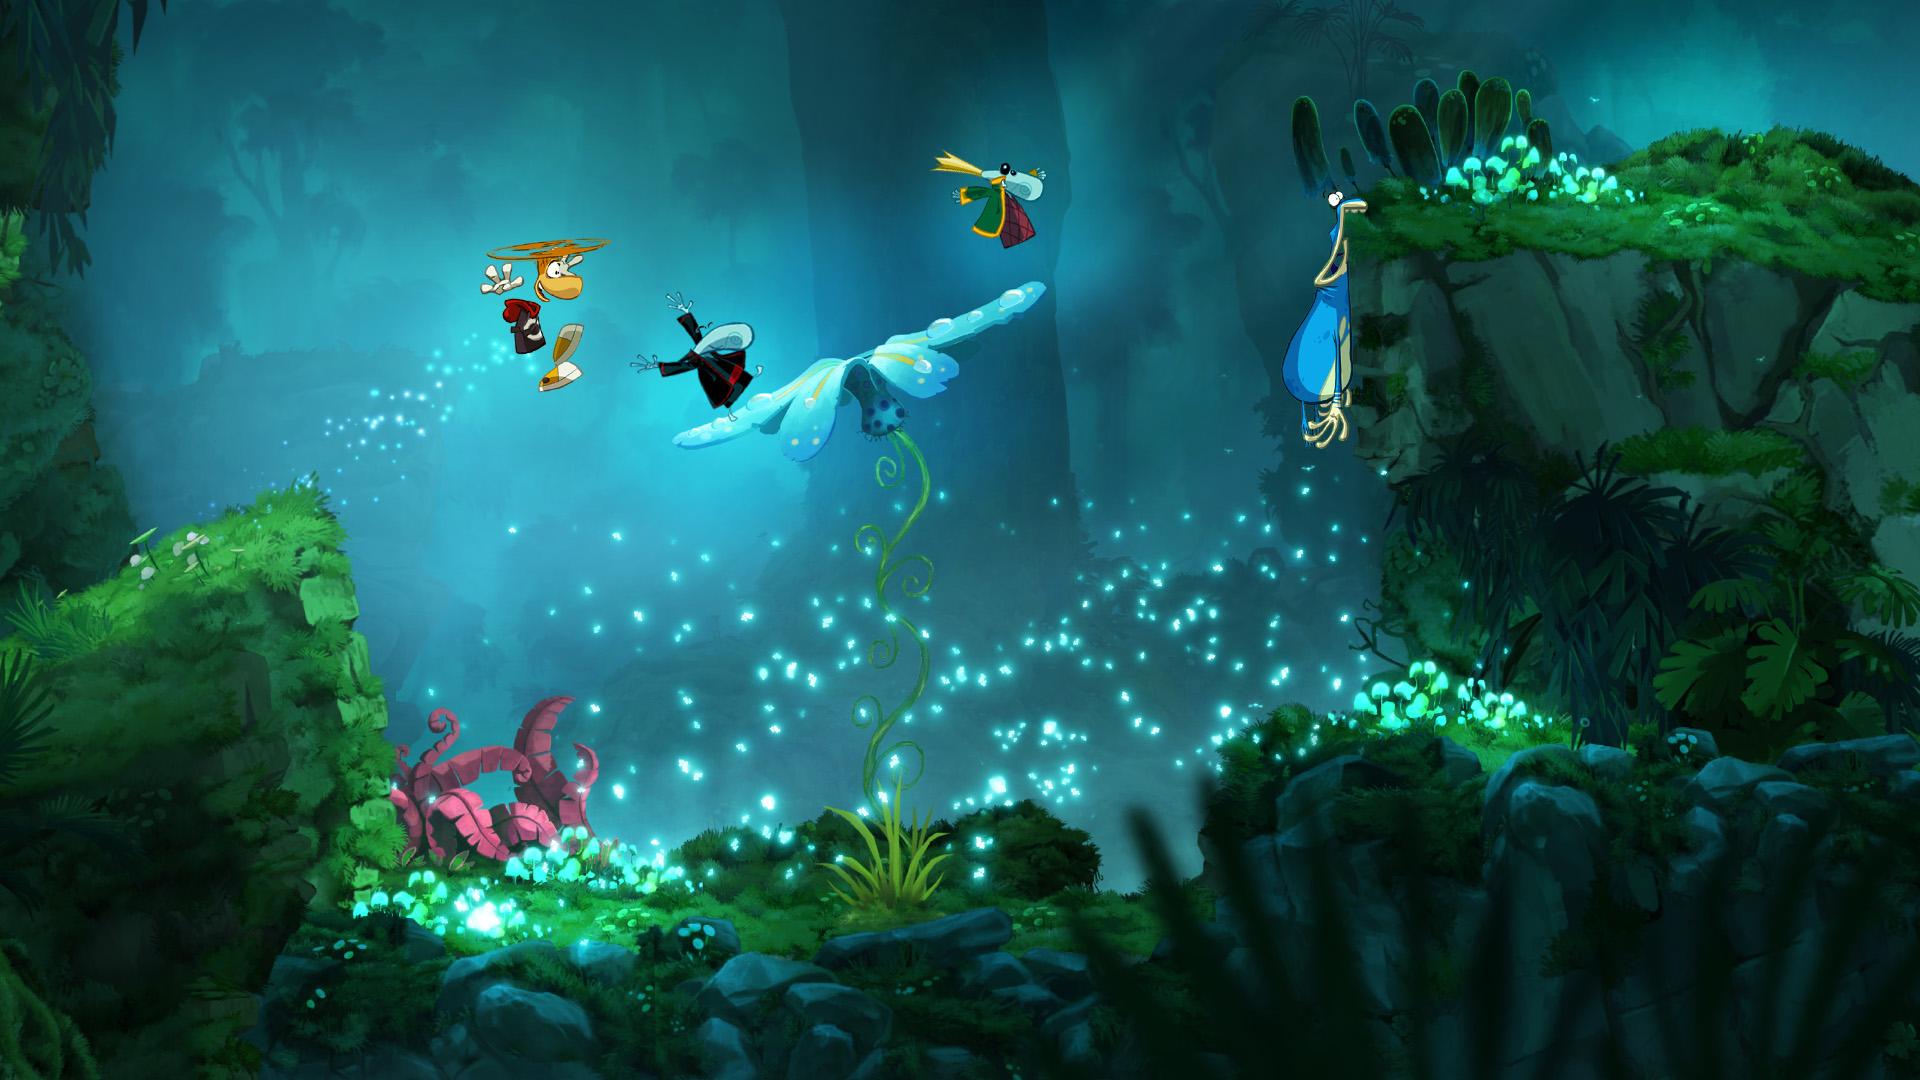 Nawet pojedyncza klatka animacji pokazuje, jak wiele naraz dzieje się na ekranie w Rayman Origins. Globox gryzie ściany, a Rayman helikopterkiem spieszy na pomoc!